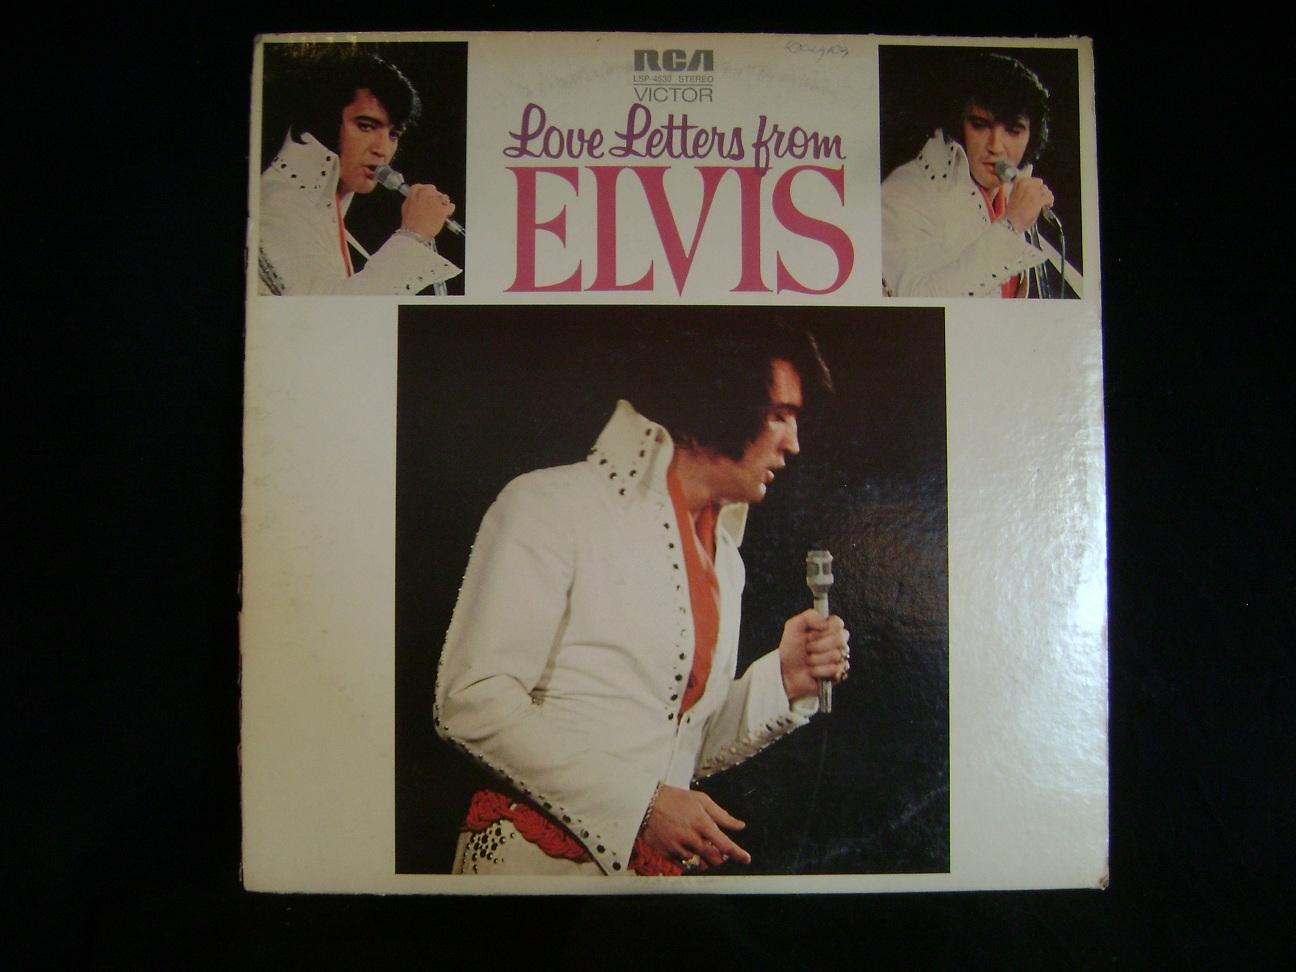 Ploca_LP_Elvis_Presley_Love_Letters_From_Elvis_1.JPG